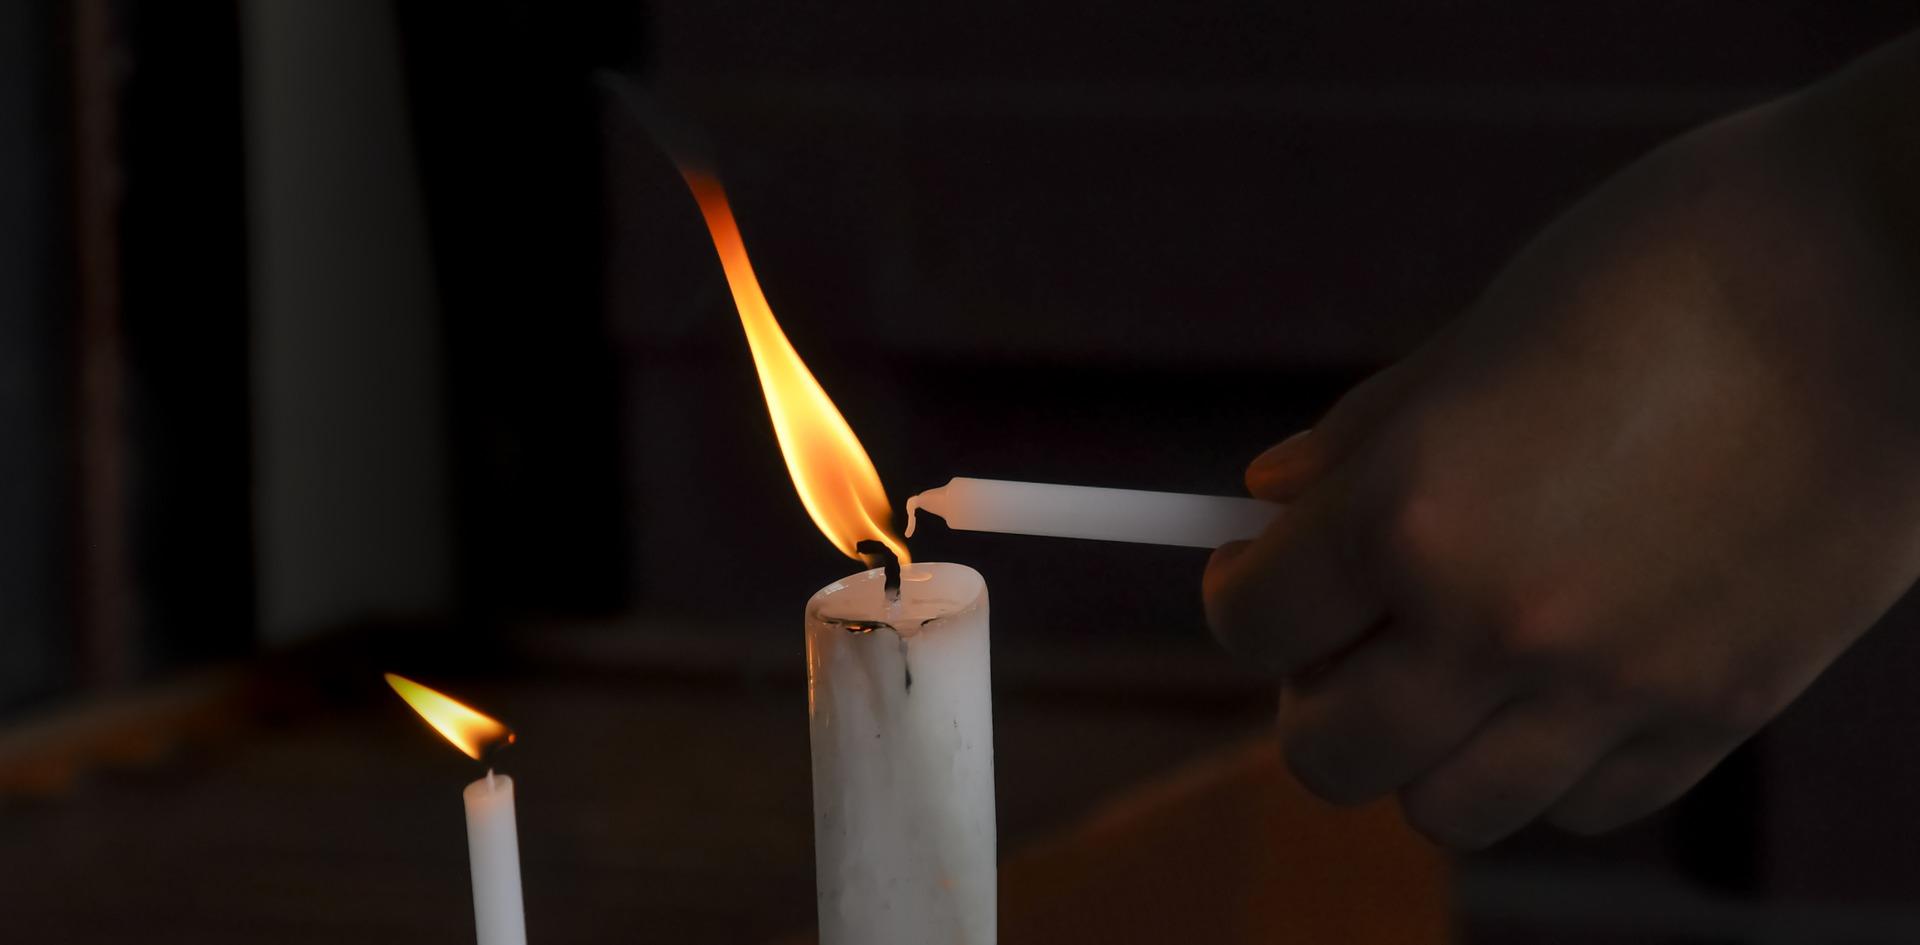 Kerzen - Die treuen Begleiter durch alle Zeitalter